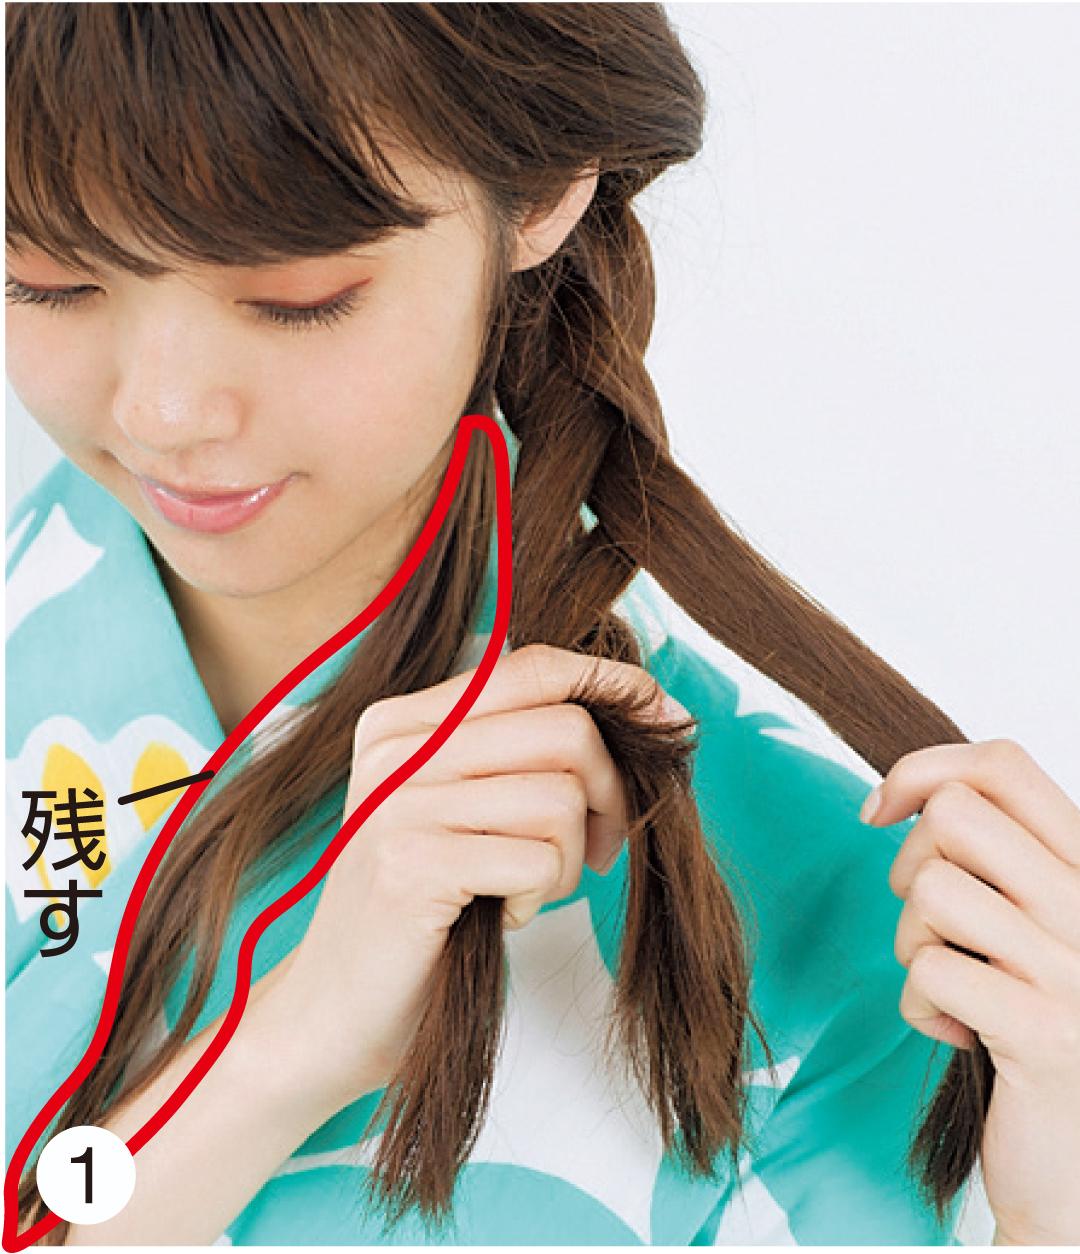 髪の毛全体をサイドに寄せ、毛束を4つに分ける。そのうち1本は残し、3本の毛束で三つ編みを編んでいく。きつめに編んでいくよ。